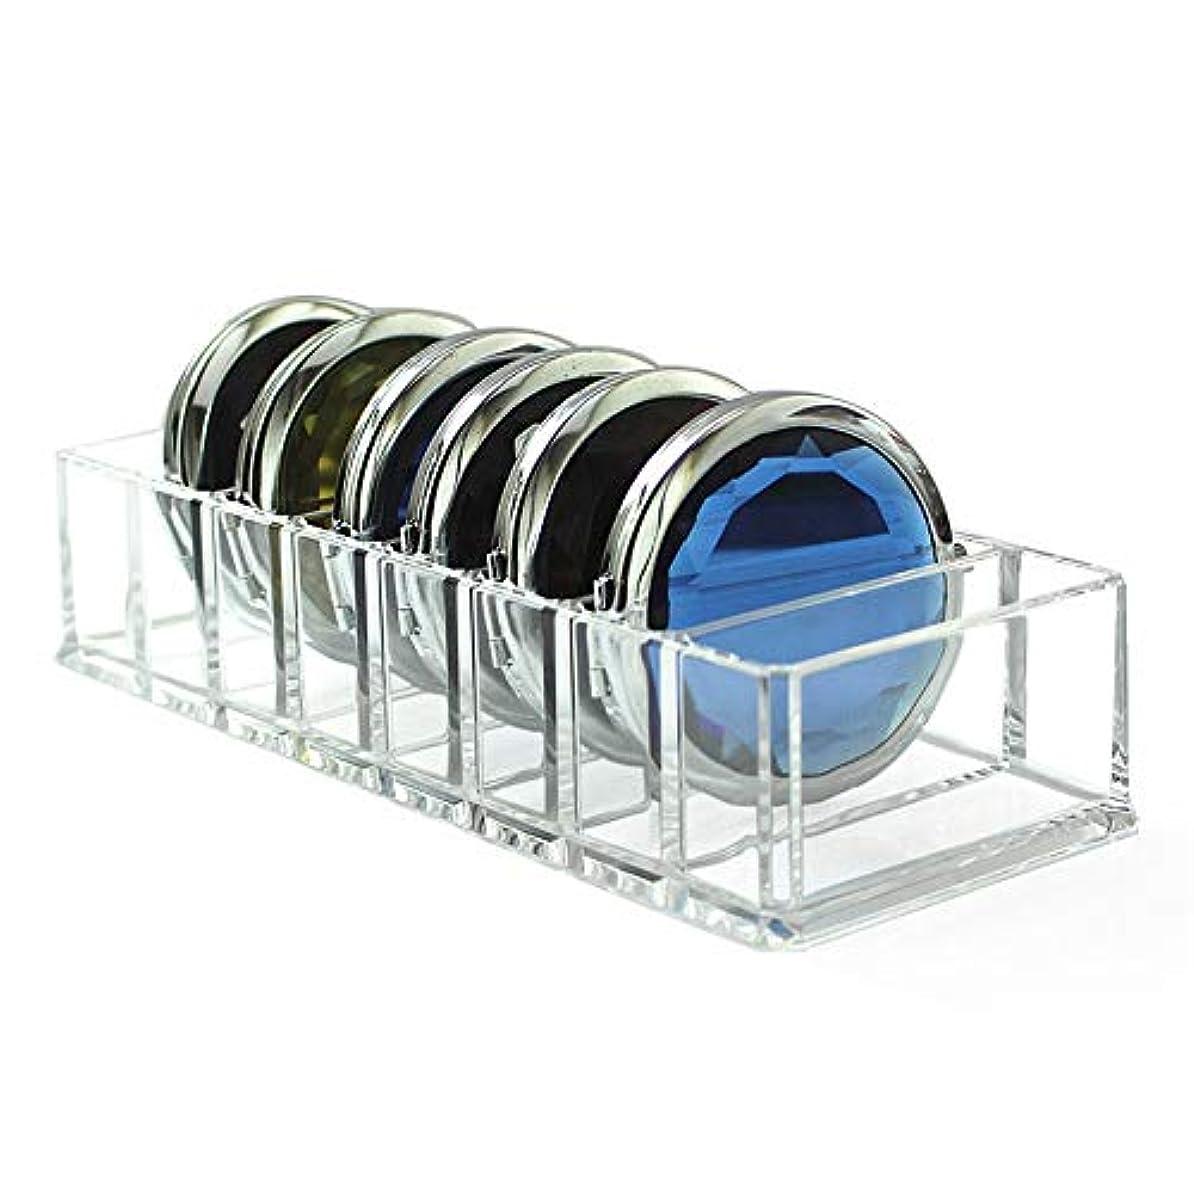 スロー透ける静脈整理簡単 化粧品アイシャドウフェイスパウダー用シンプルアクリルクリアメイクオーガナイザーホルダー収納ケースボックス (Color : Clear, Size : 25.5*8.8*4.7cm)